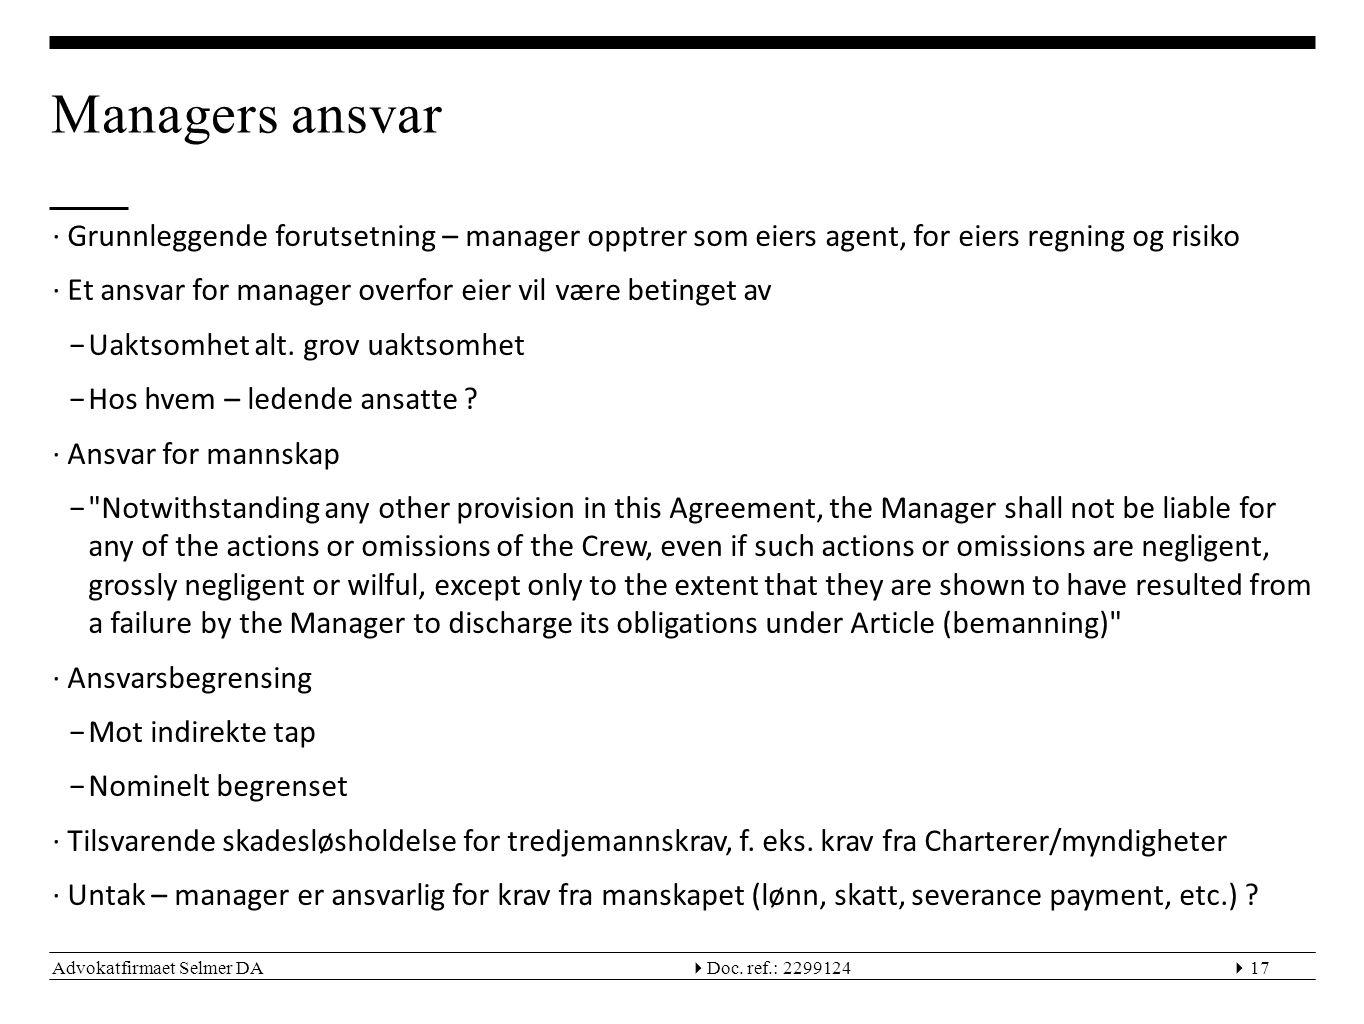 Advokatfirmaet Selmer DA  Doc. ref.: 229912417 Managers ansvar ∙Grunnleggende forutsetning – manager opptrer som eiers agent, for eiers regning og r